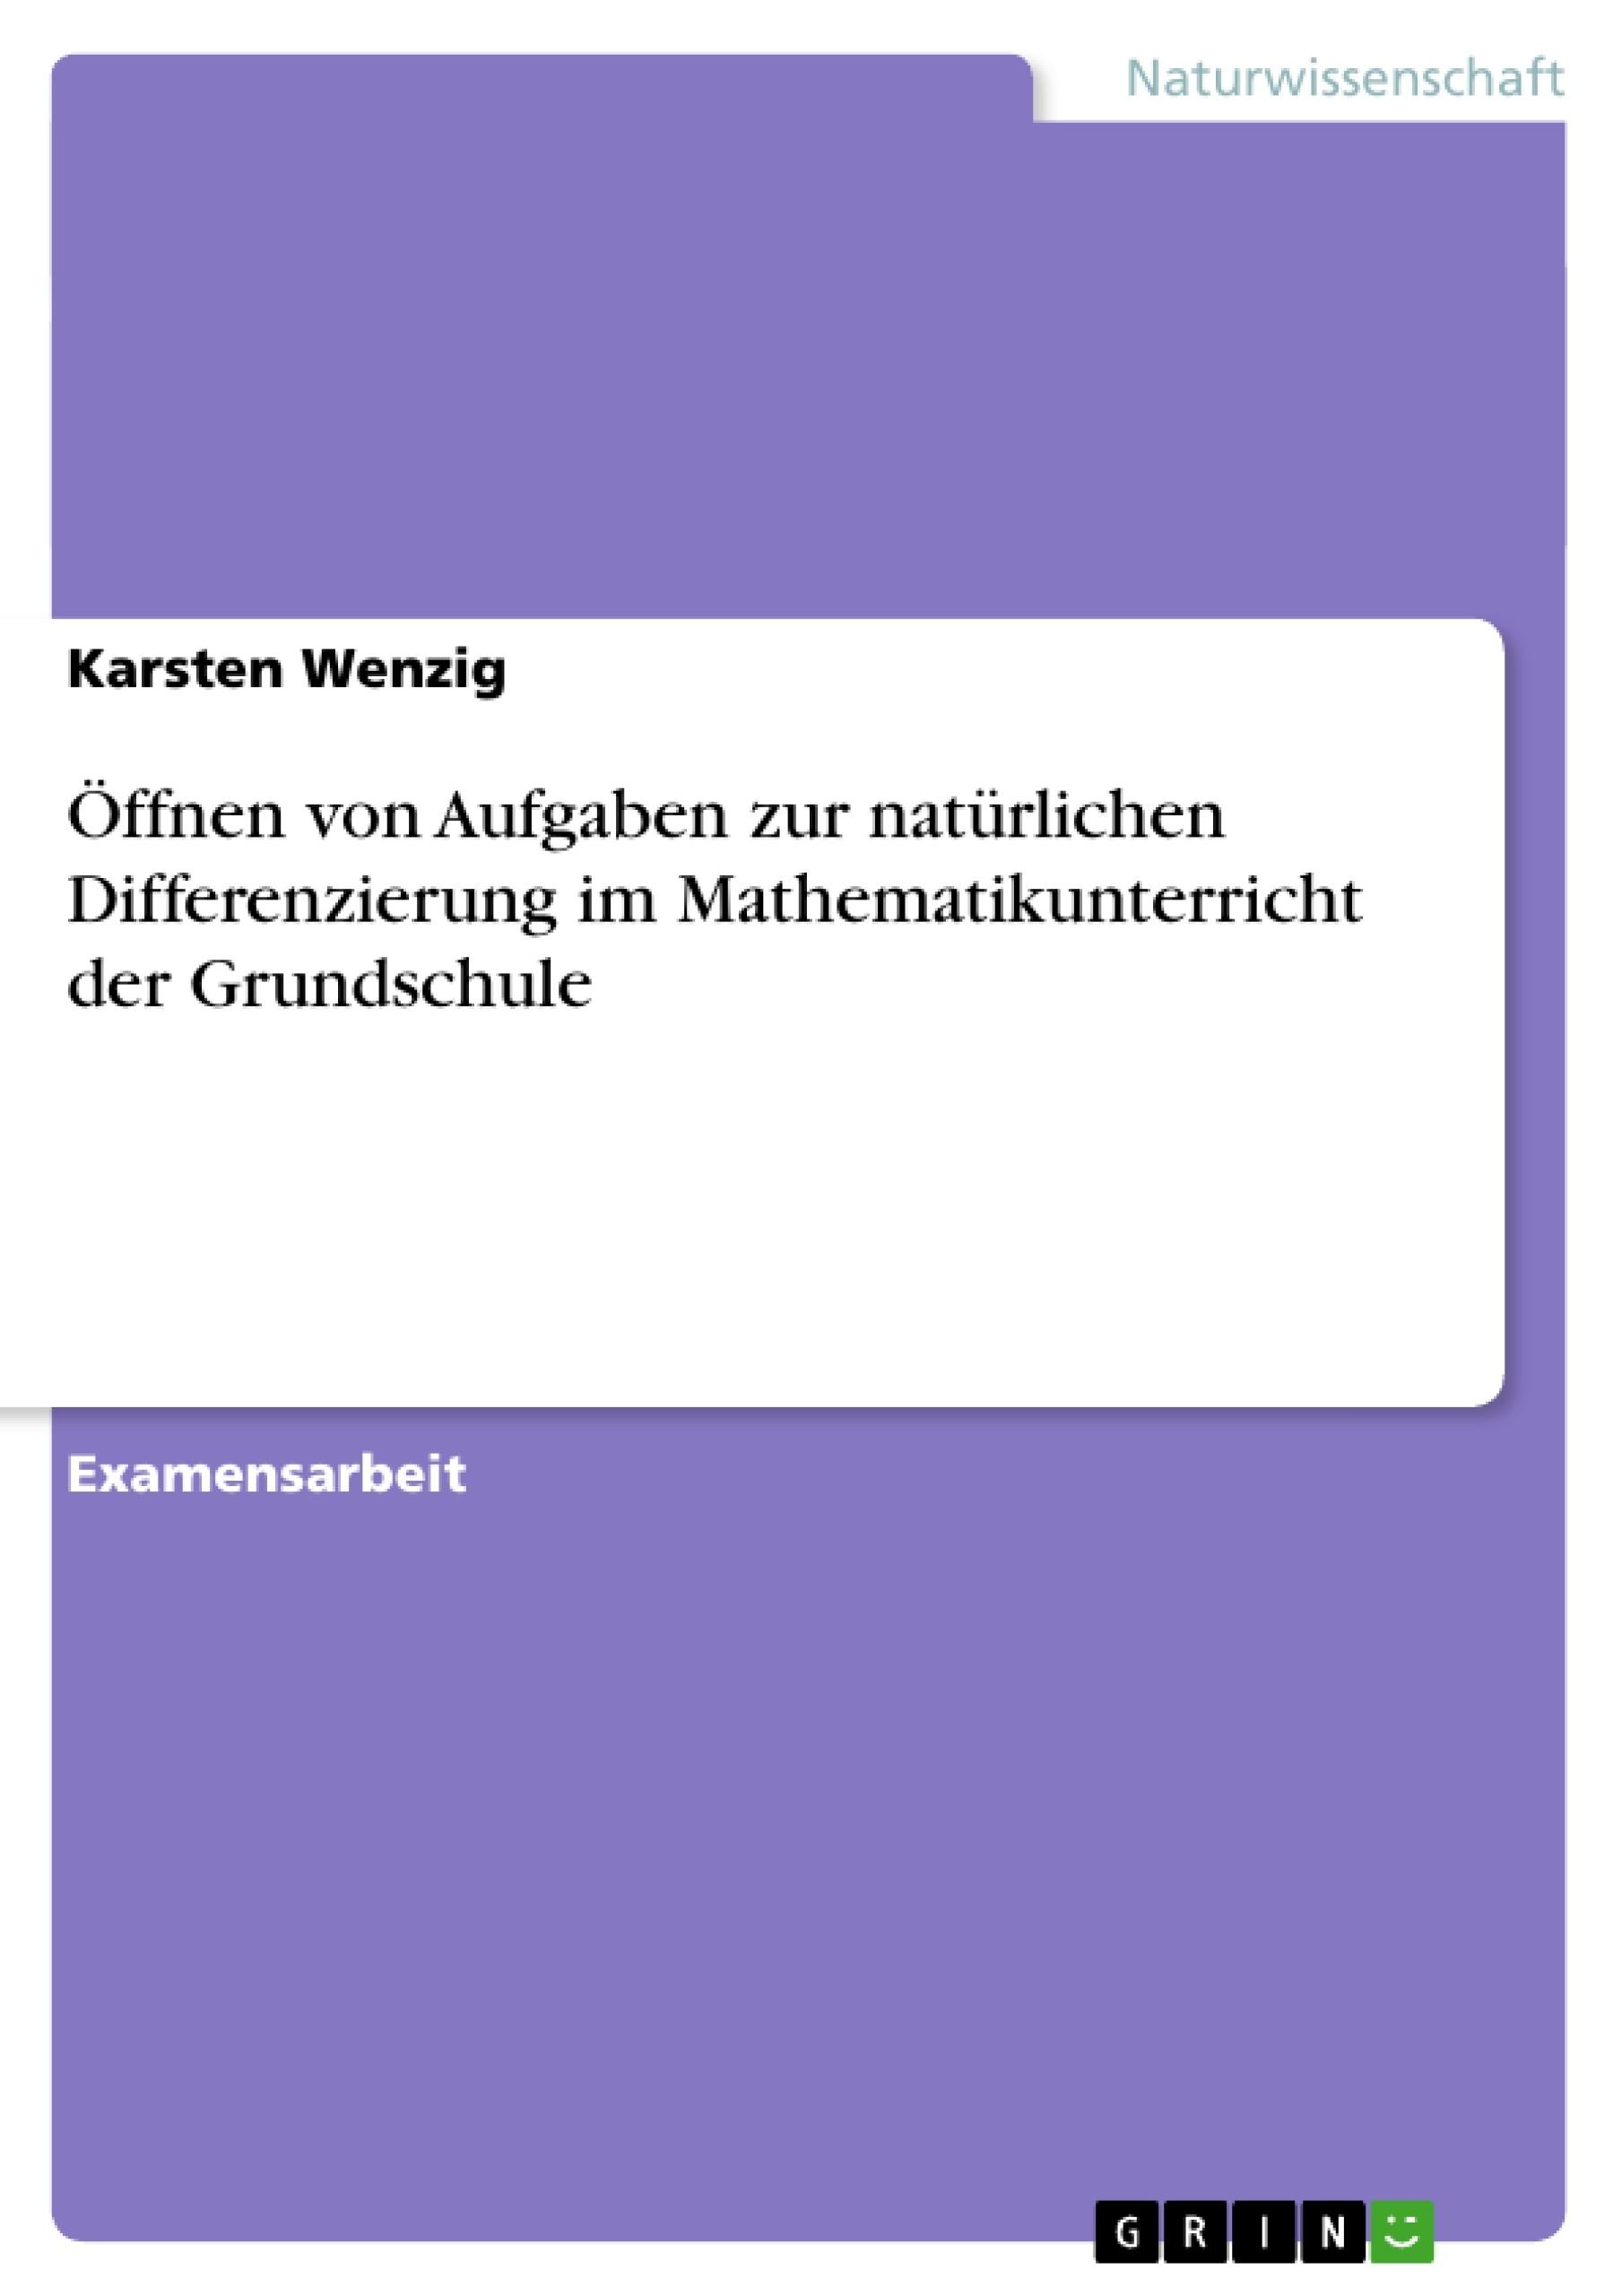 Titel: Öffnen von Aufgaben zur natürlichen Differenzierung im Mathematikunterricht der Grundschule